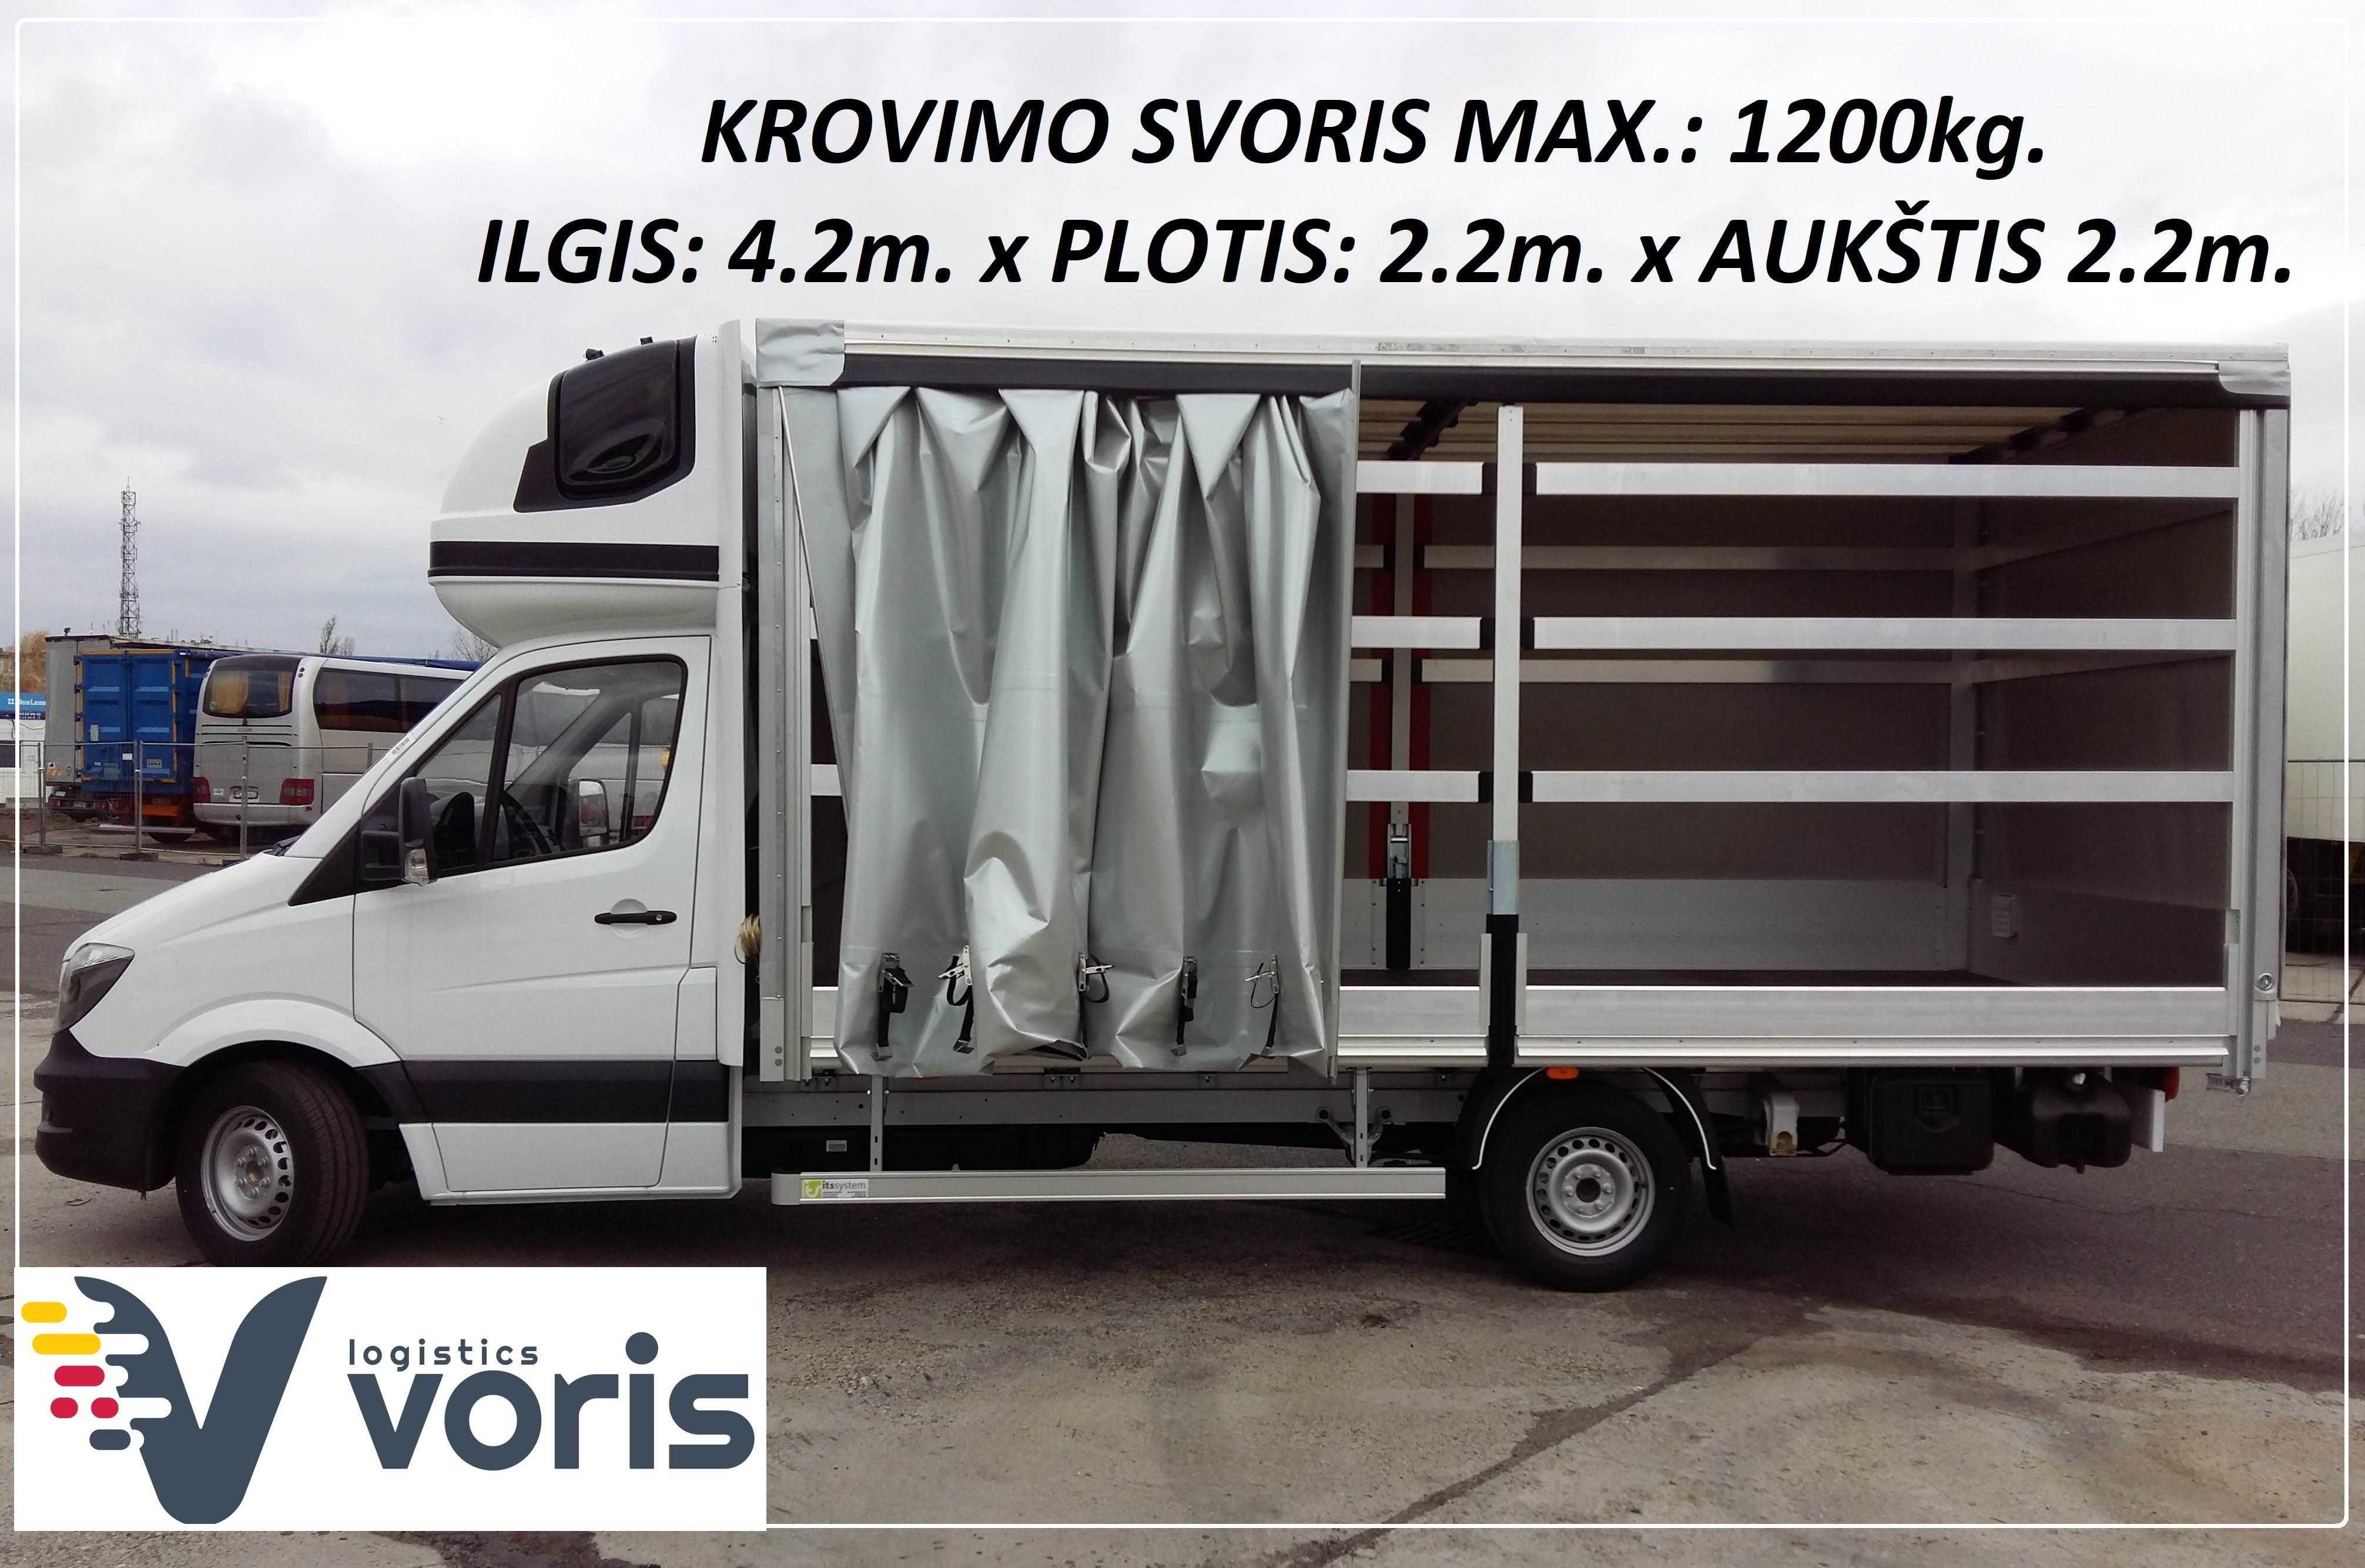 """Iškilus skubaus krovinio pervežimo būtinybei, UAB """"VORIS"""" per 24–48 val. gali pristatyti nedidelius (iki 1,2 t) krovinius Lietuvoje ir Europoje. EL.PA"""